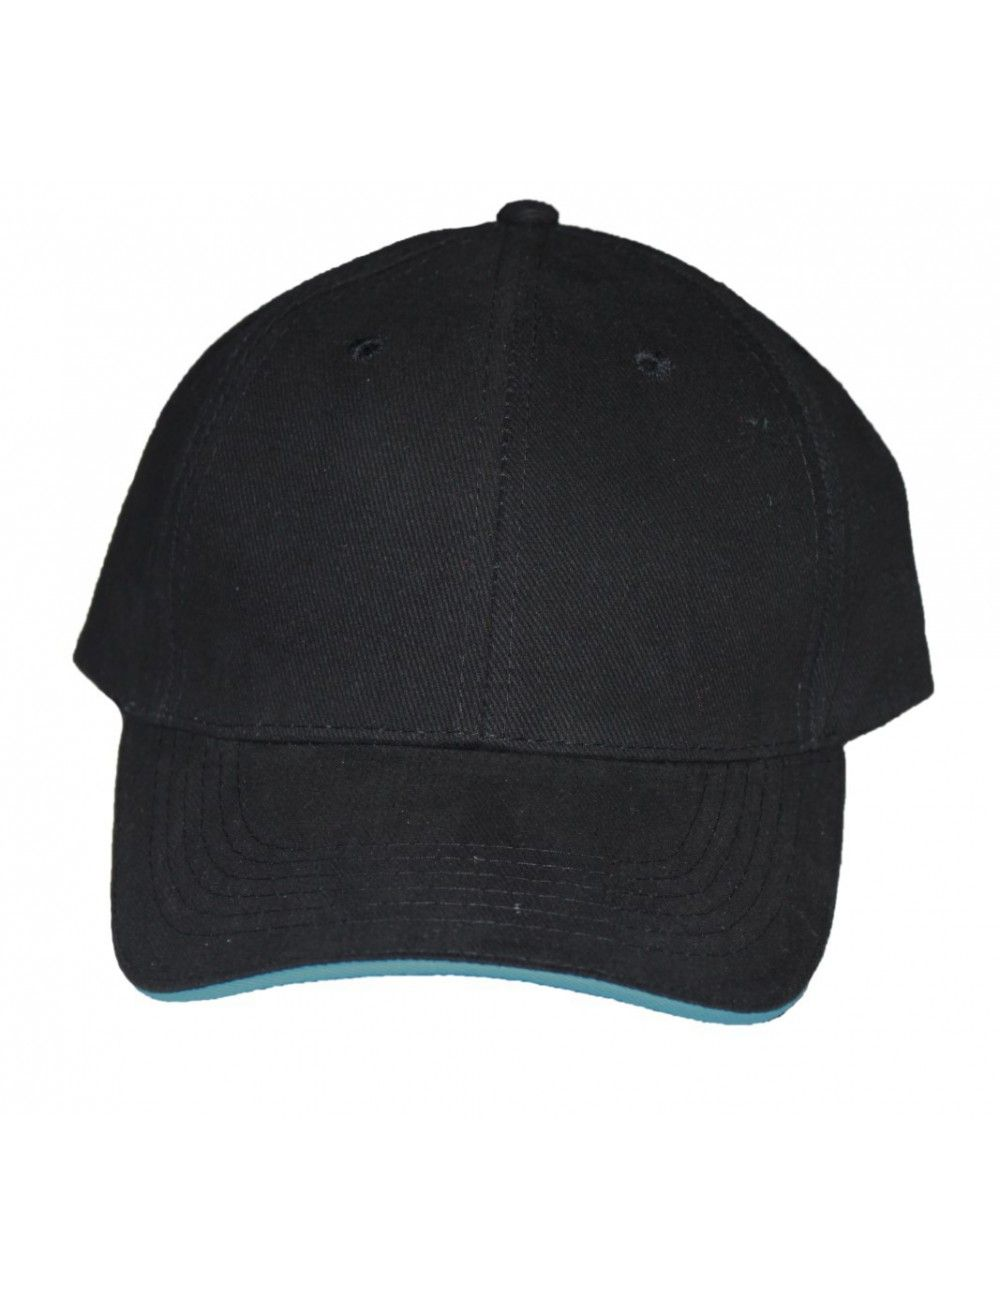 Lisaro Cap mit Ihrem Firmen- oder Vereinslogo  oder Ohne Druck schwarz - Kopie - 1